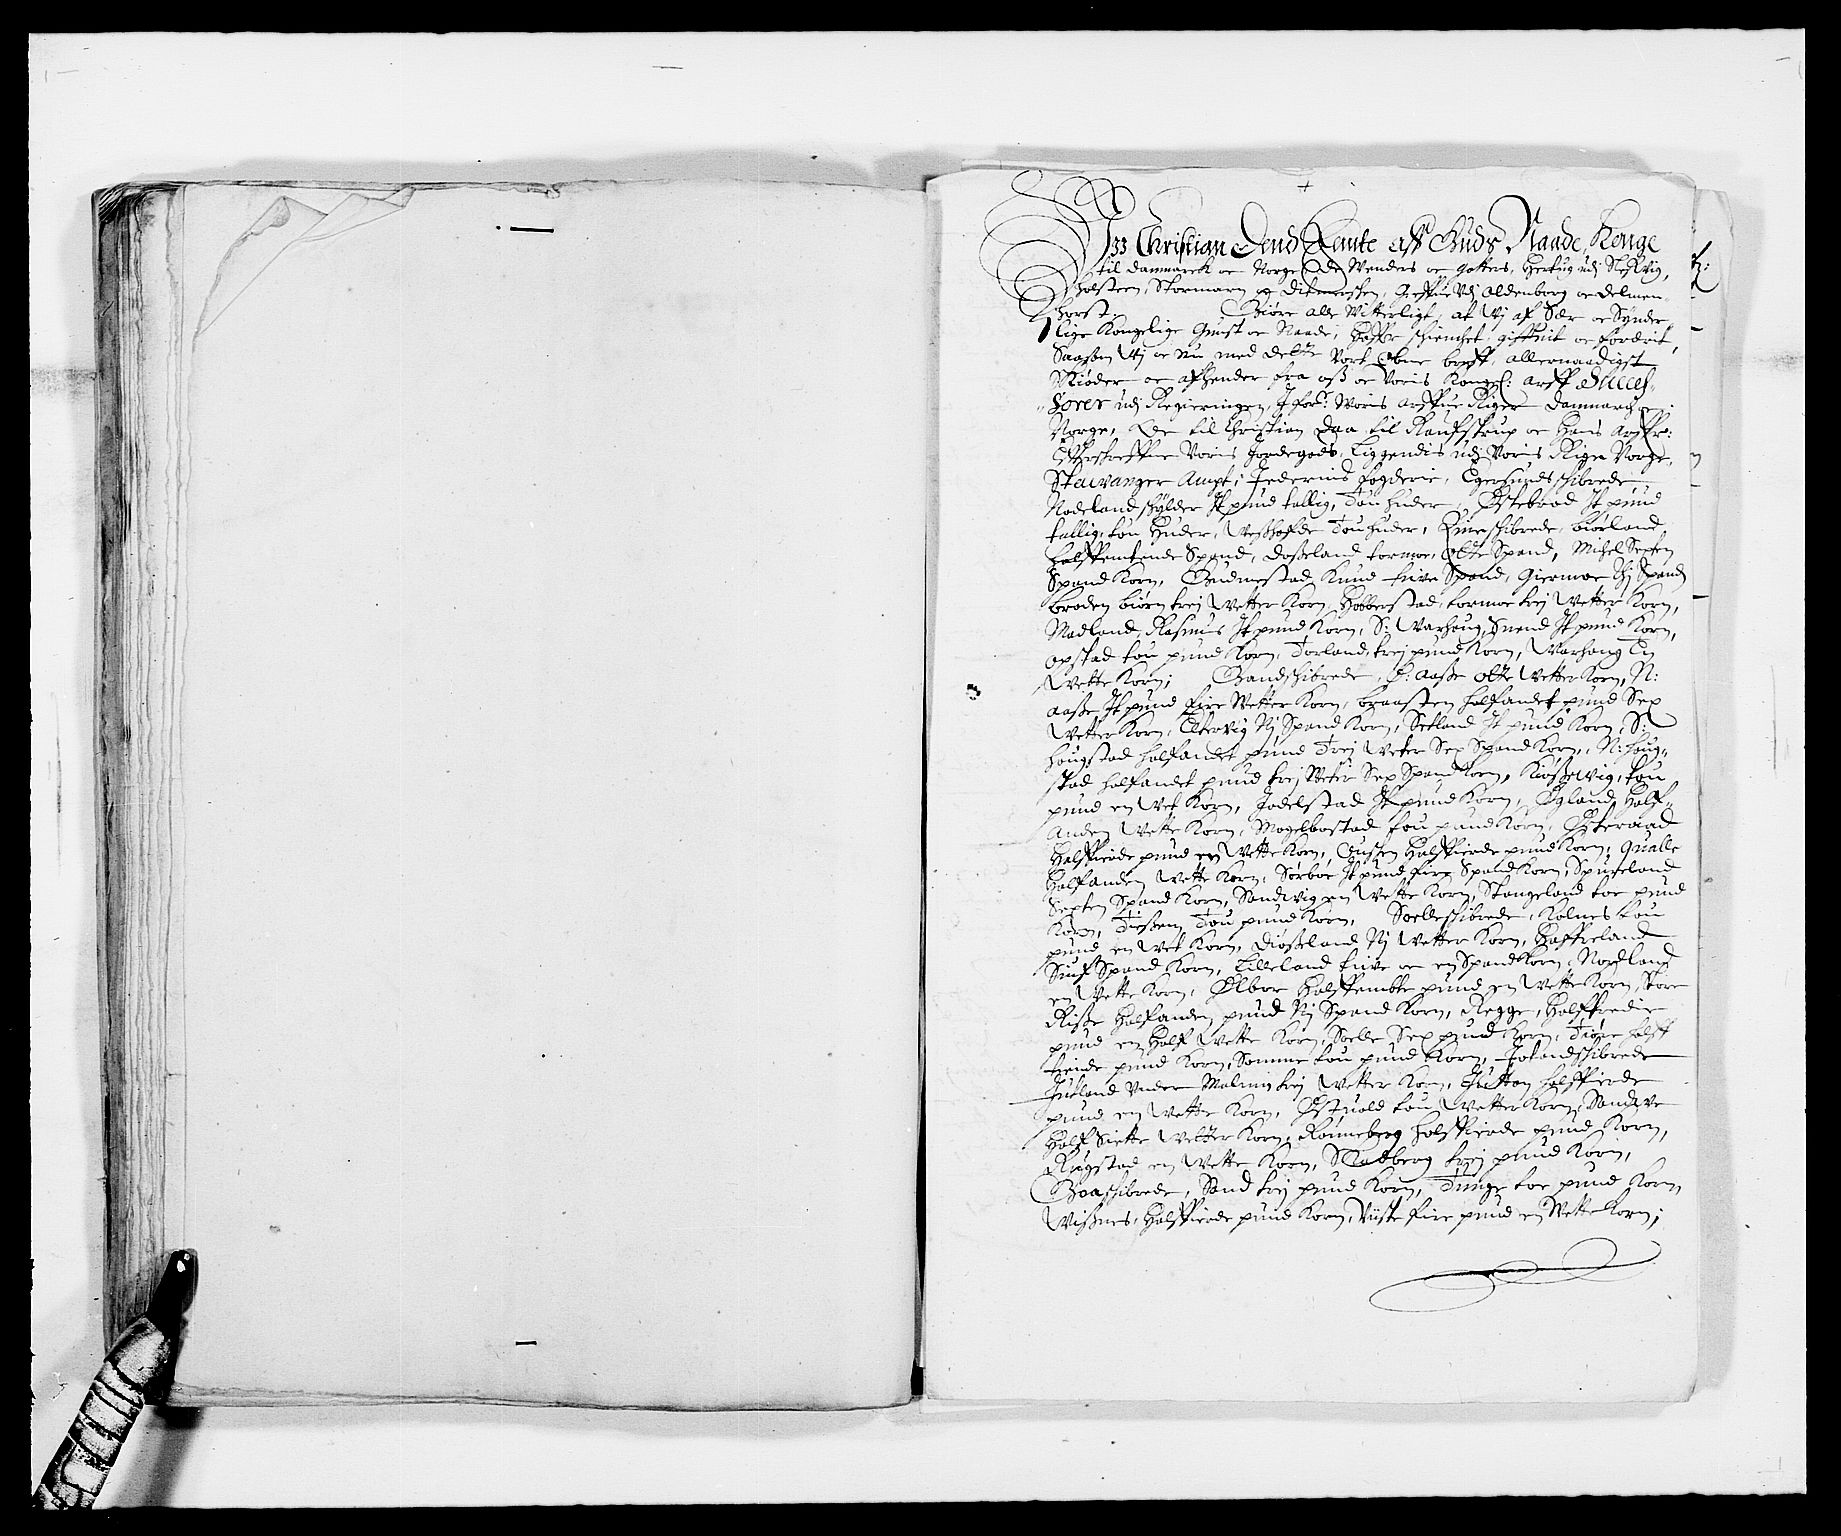 RA, Rentekammeret inntil 1814, Reviderte regnskaper, Fogderegnskap, R47/L2843: Fogderegnskap Ryfylke, 1670-1671, s. 509